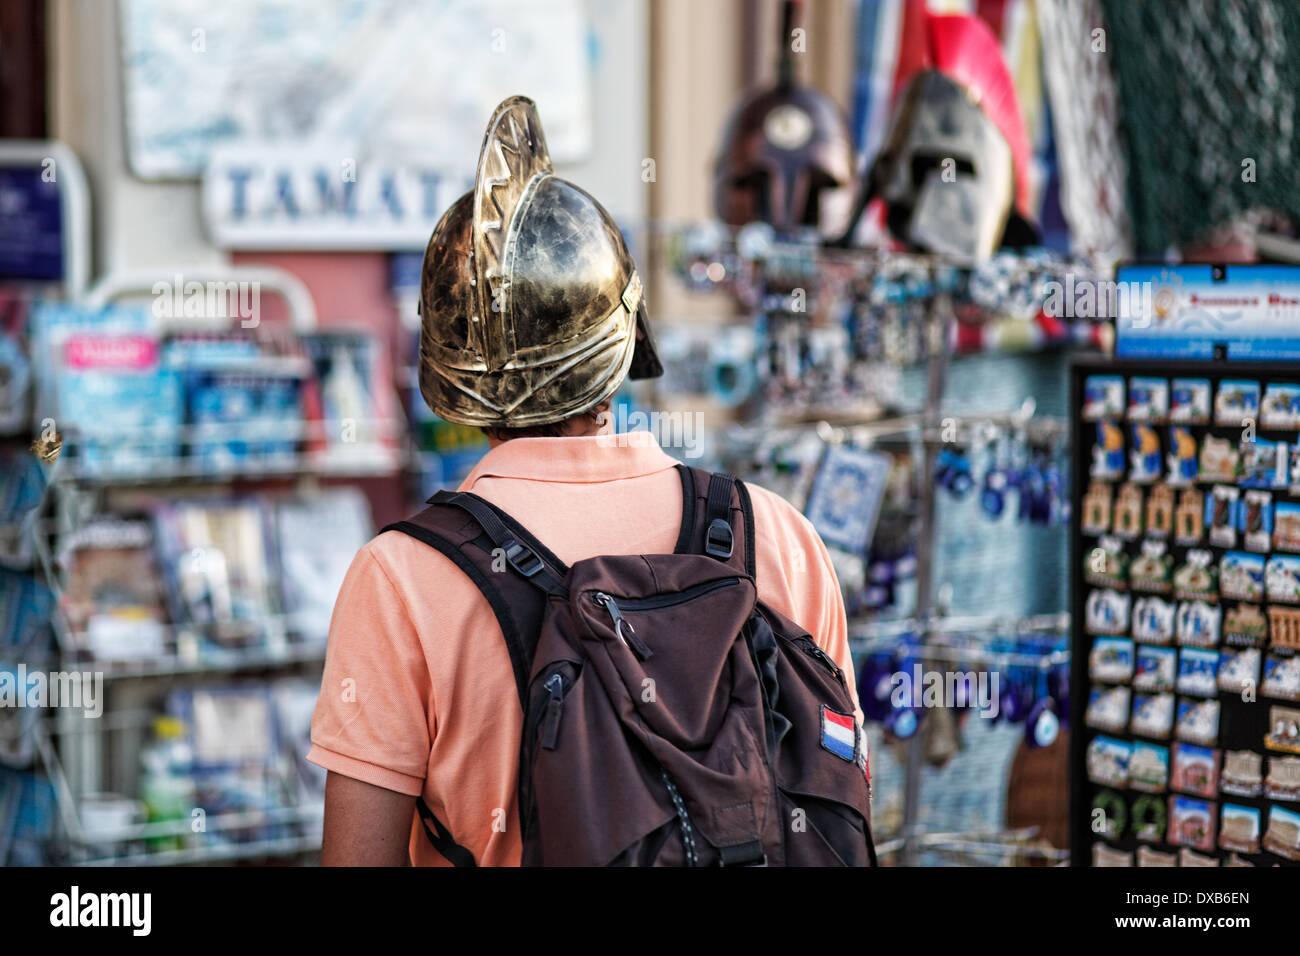 Ein Tourist mit Helm in den Straßen von Athen, Griechenland Stockbild